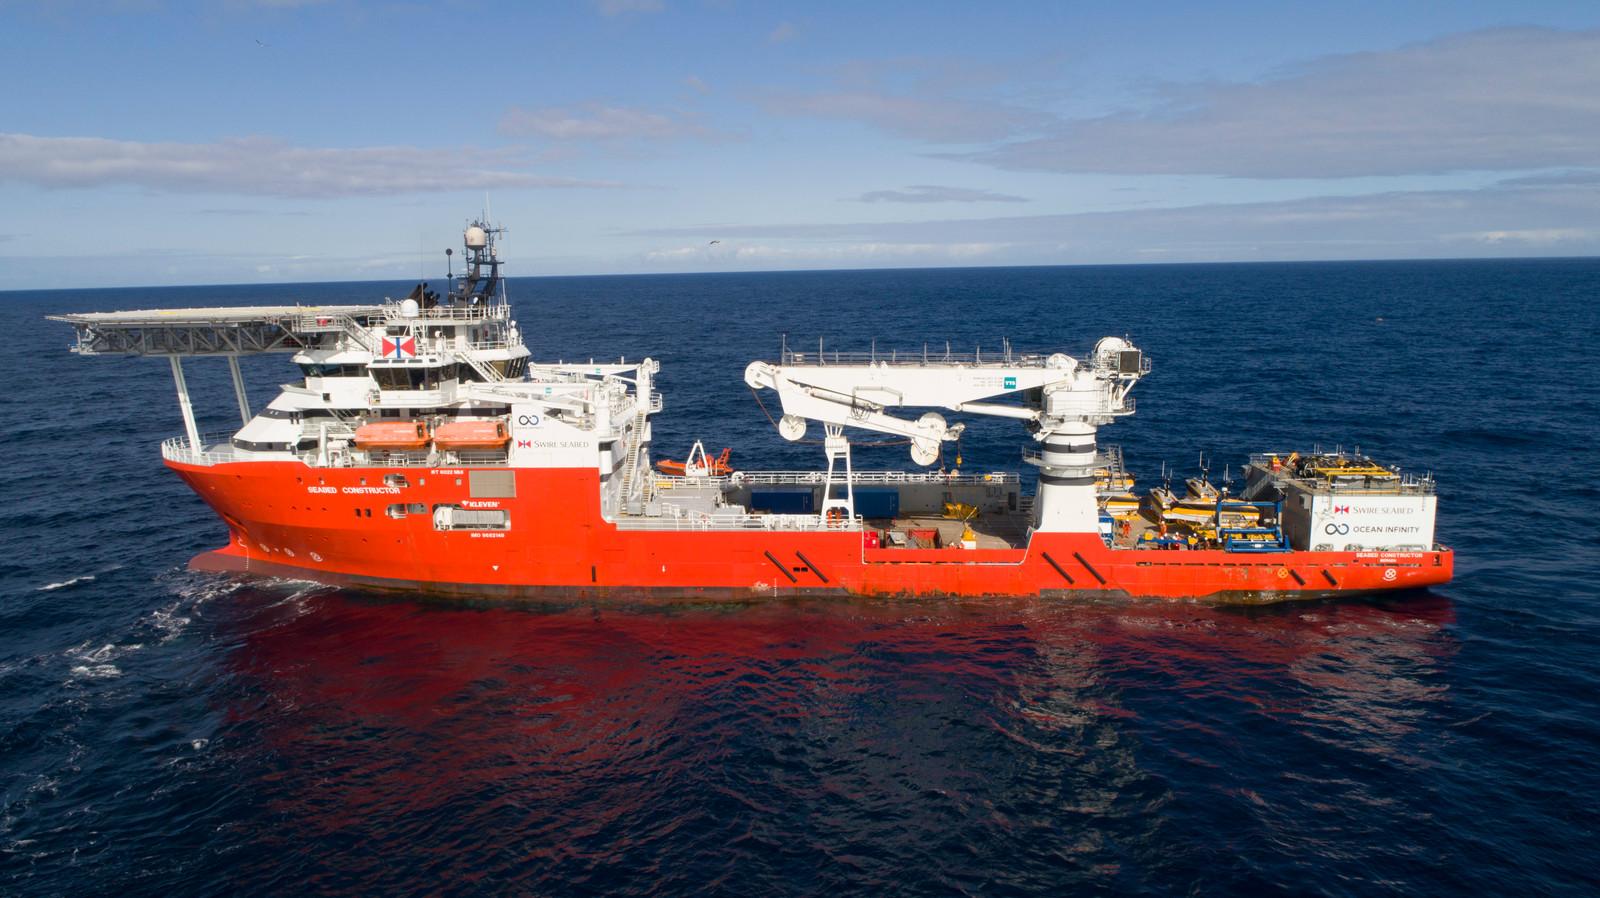 """De """"Seabed Constructor"""" is een schip van Ocean Infinity dat is uitgerust met de meest geavanceerde technologie om naar het verdwenen vliegtuig te zoeken."""